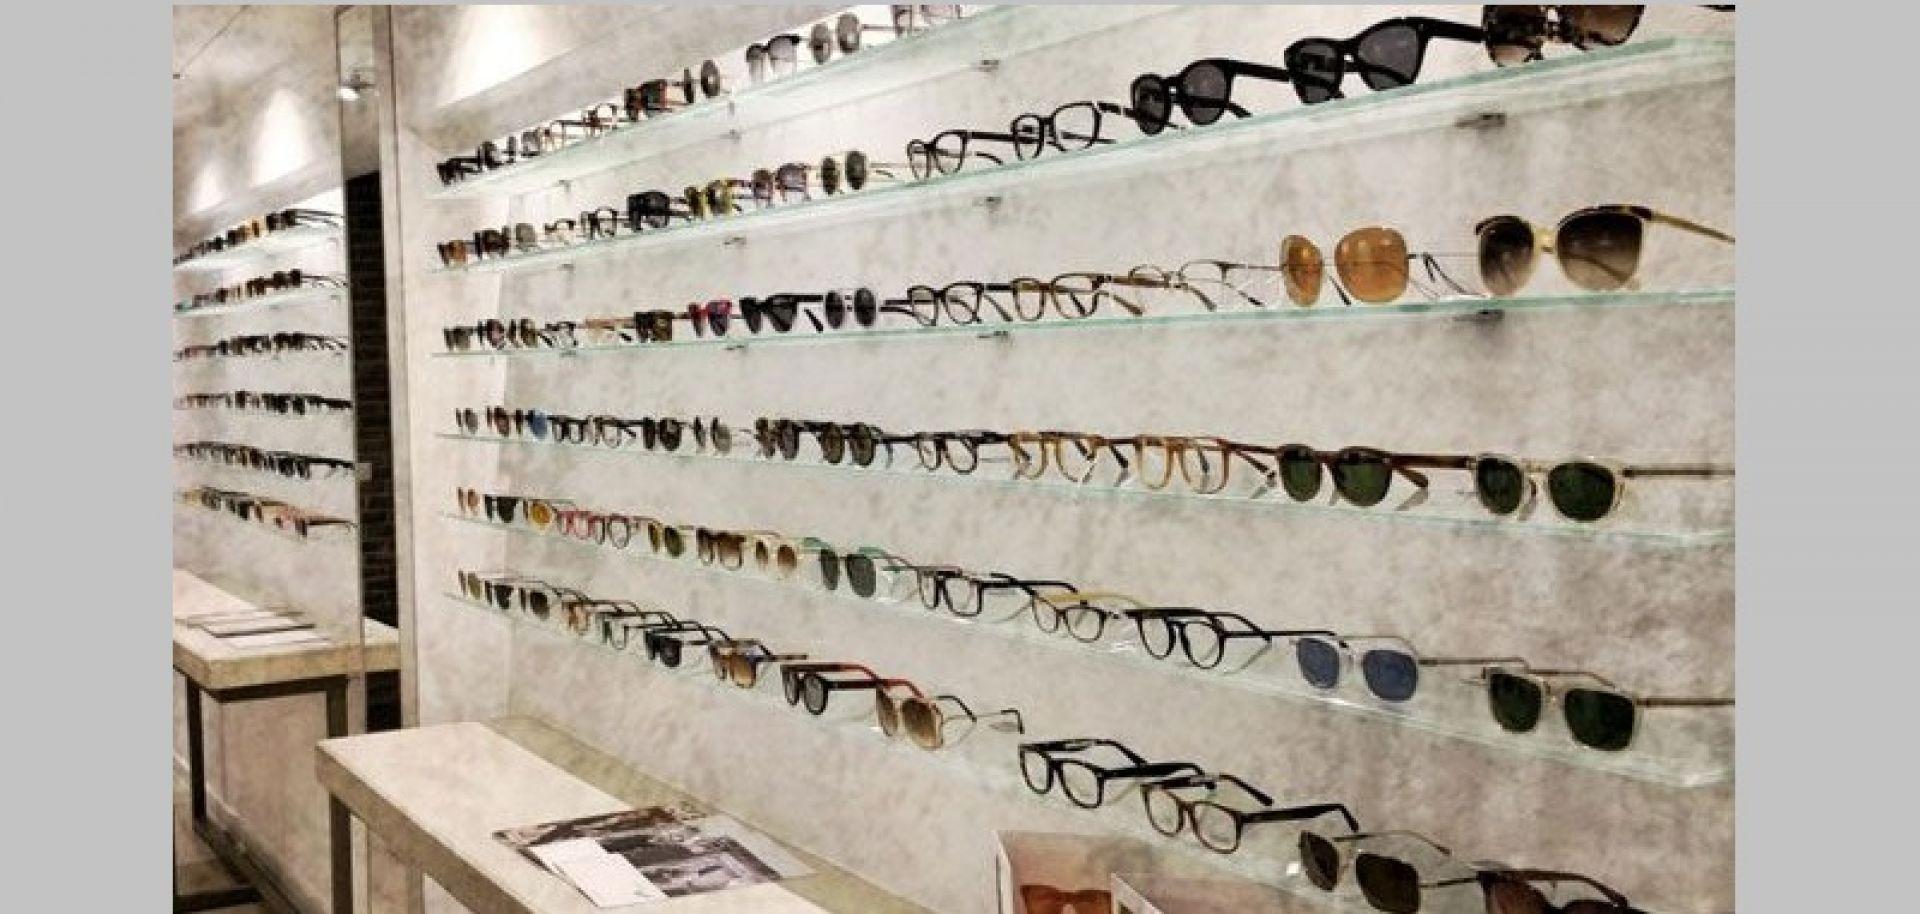 Γυαλιά οράσεως  Προσωρινή λύση δίνει ο ΕΟΠΥΥ - Πώς θα αποζημιωθούν οι  ασφαλισμένοι fdfa60dba92